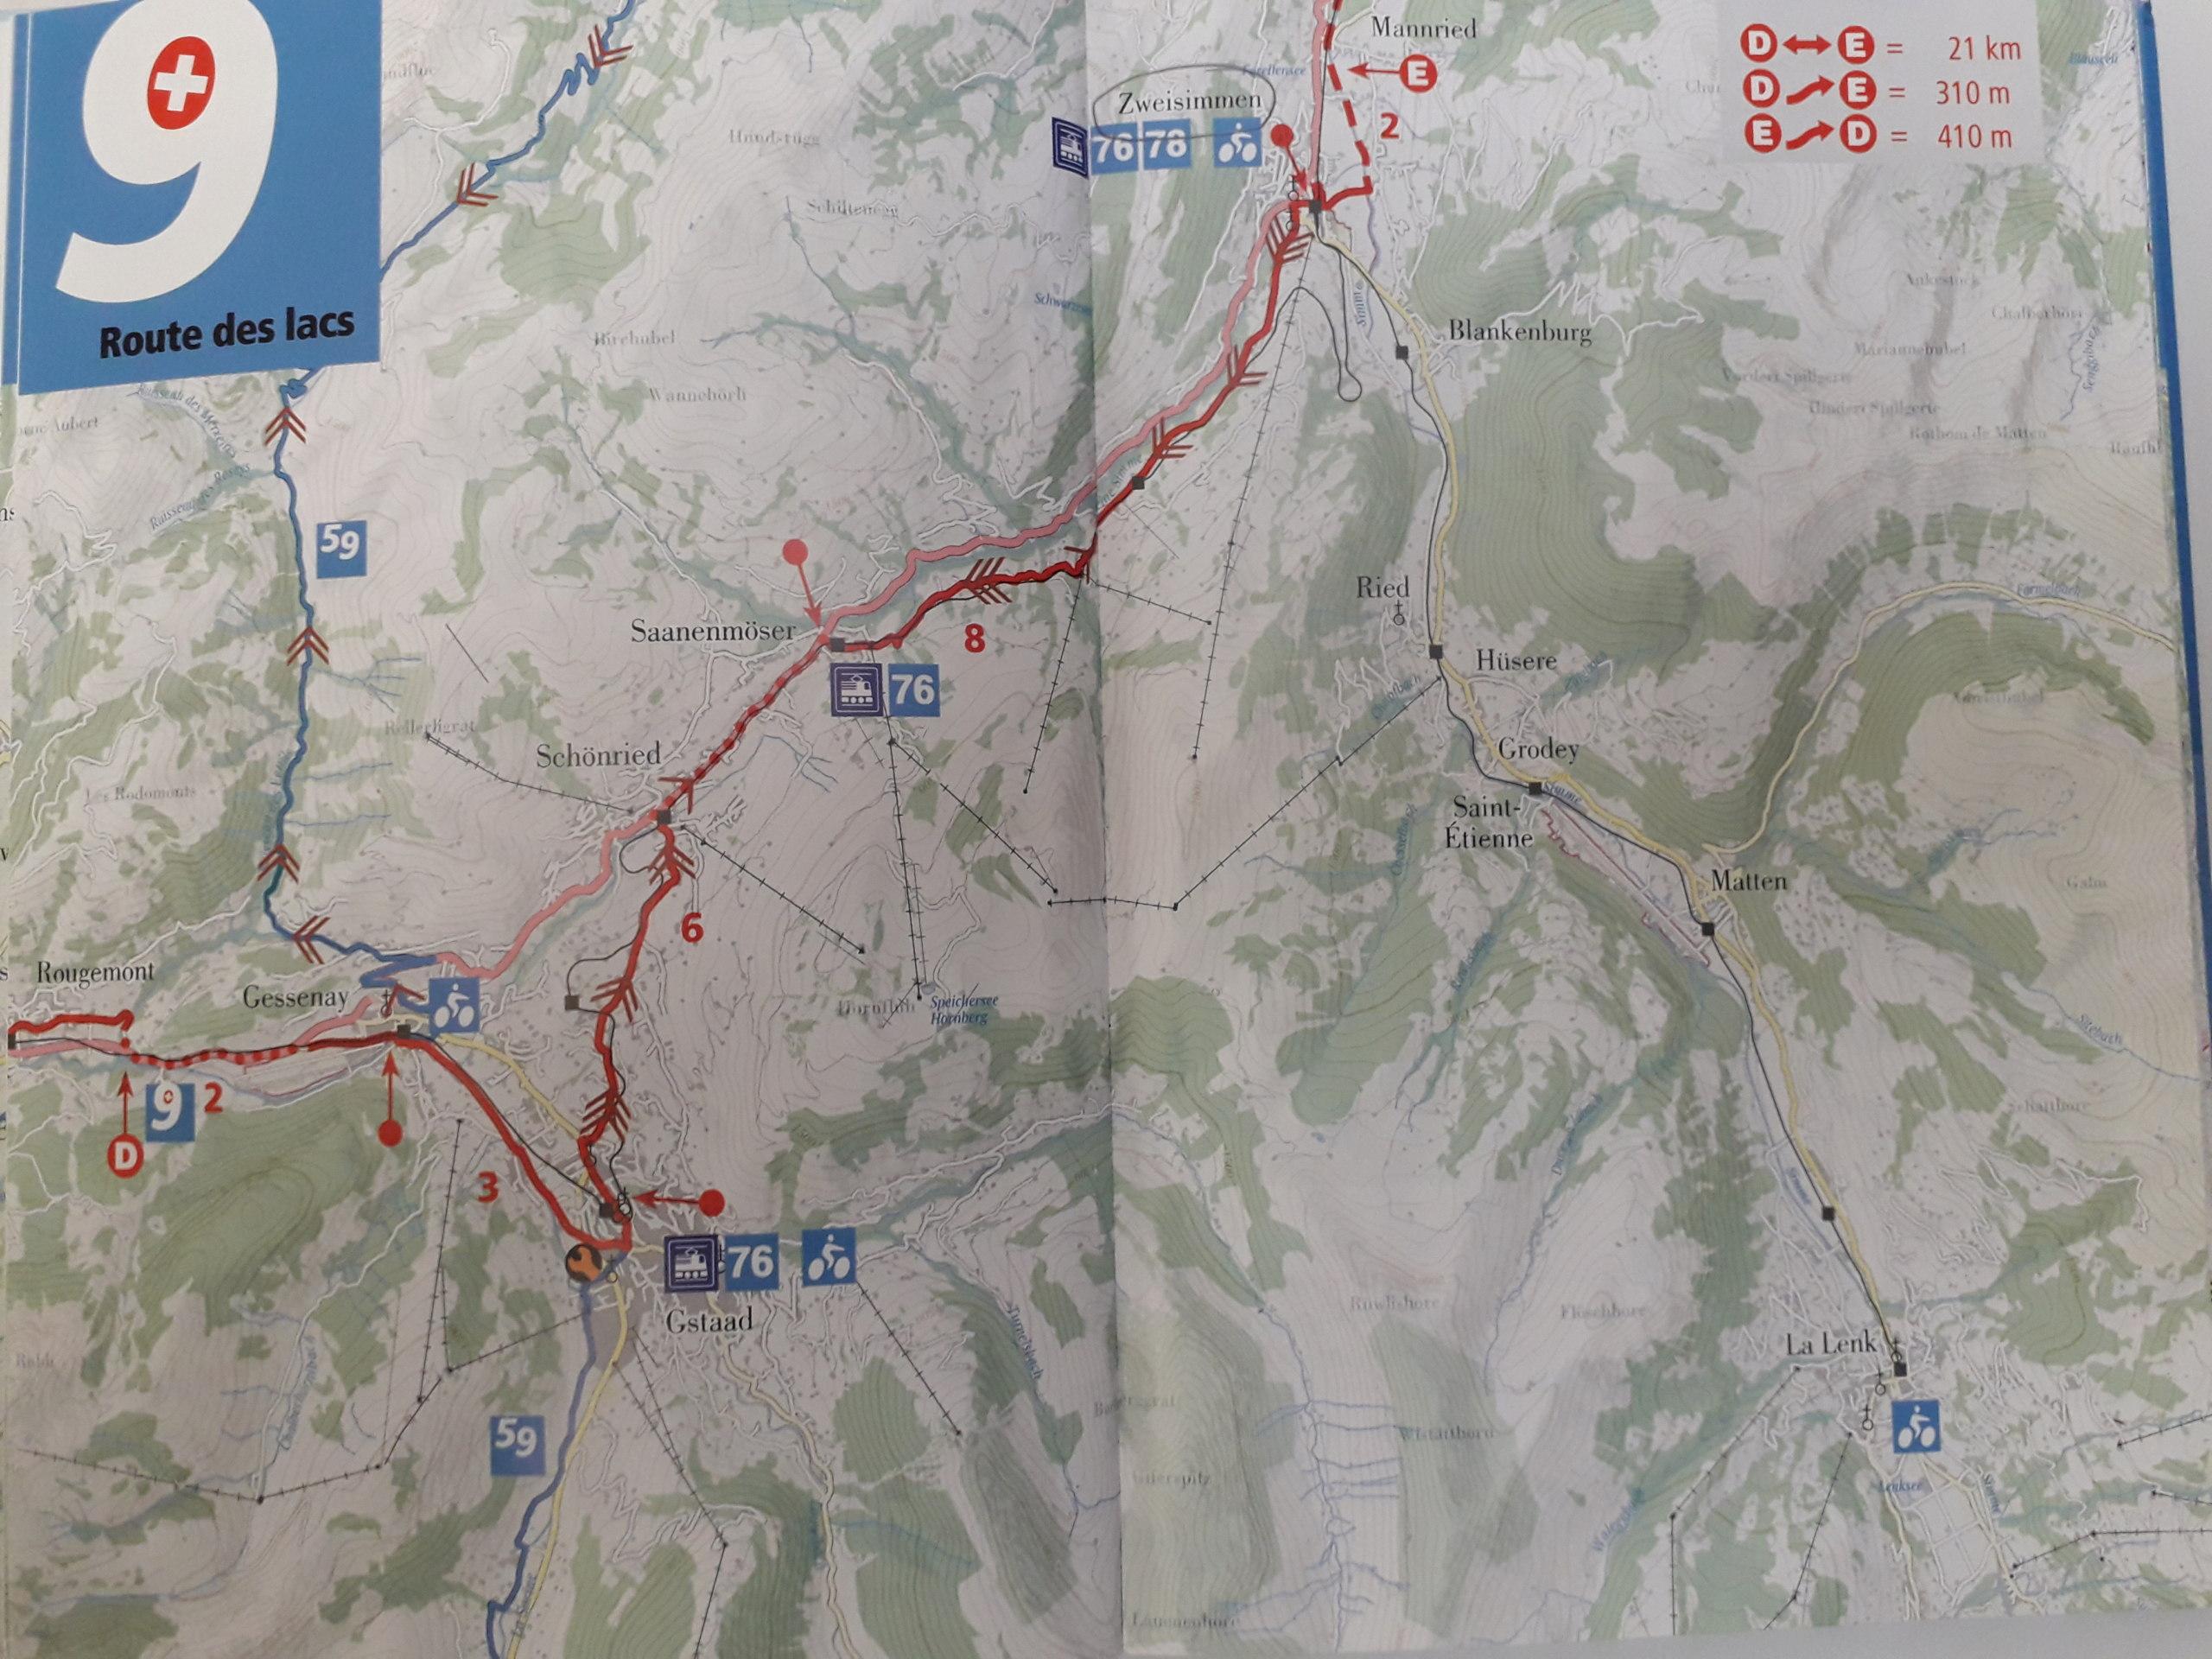 La Route des lacs - Suisse [7 au 12 juin] saison 14 •Bƒ 20190514